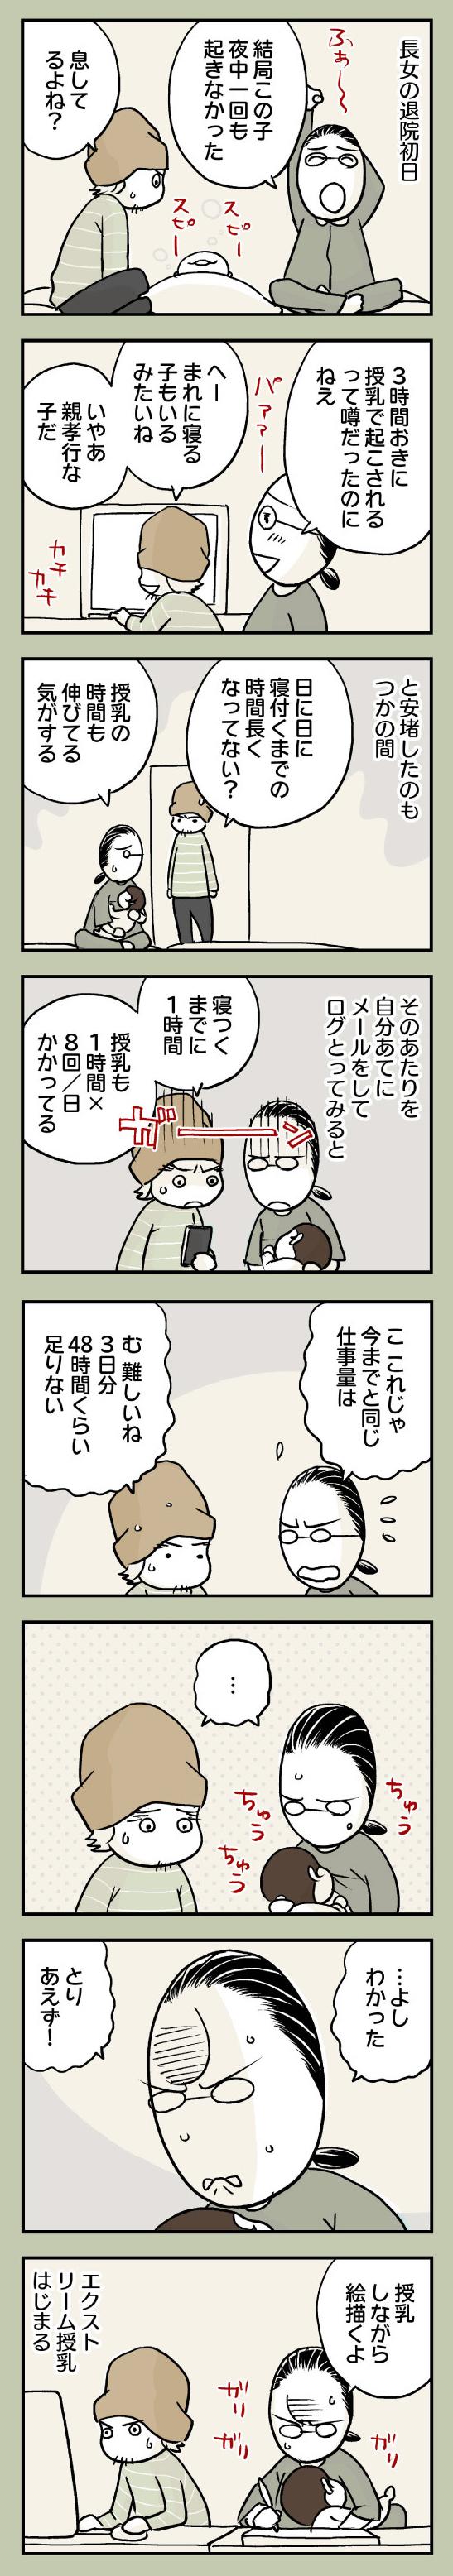 re_ニブンノイクジ_12